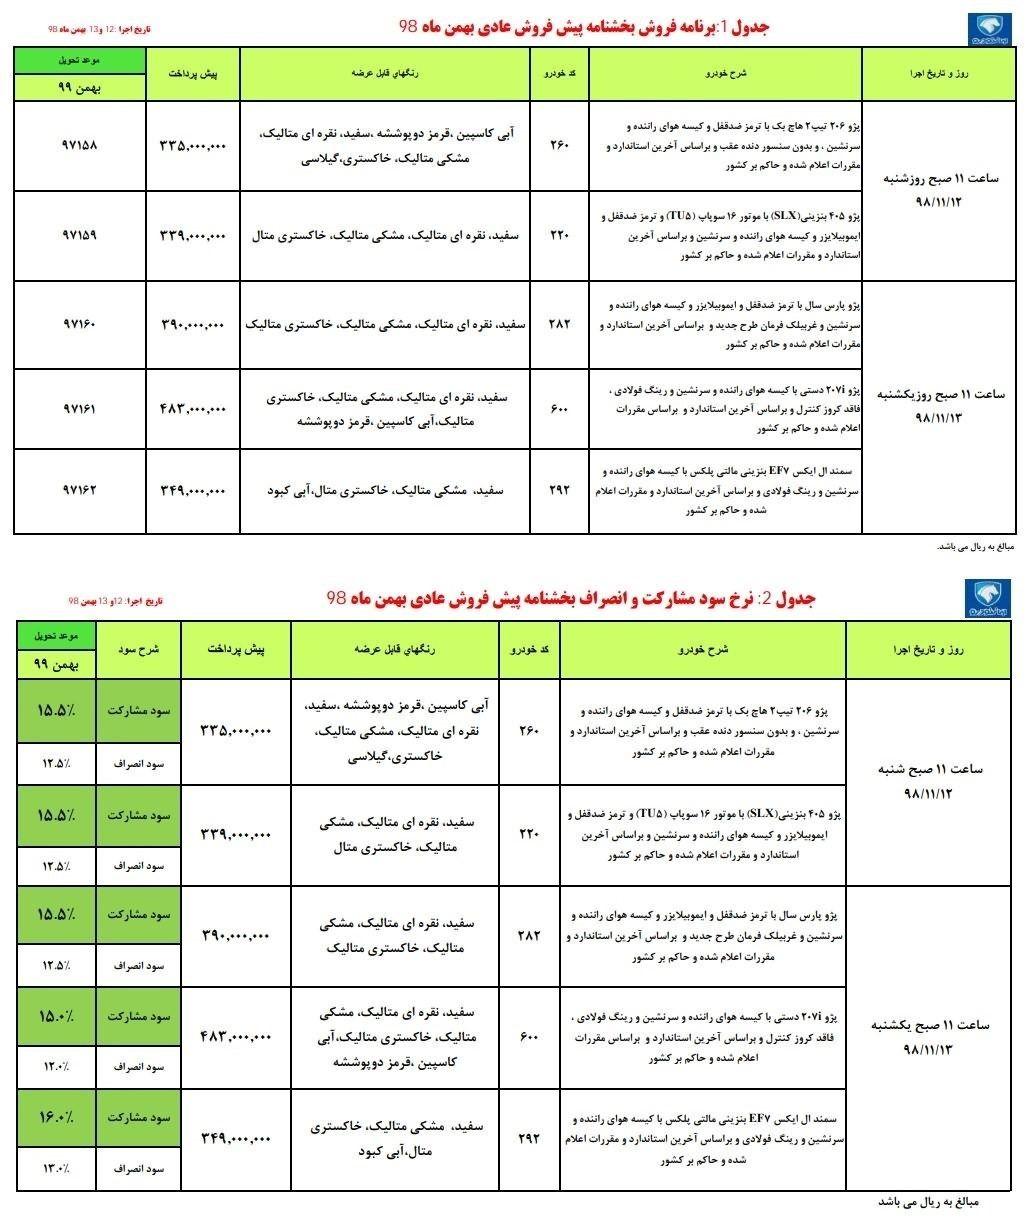 گروه صنعتی ایران خودرو , فروش اینترنتی خودرو , پیش فروش خودرو , خودرو ,